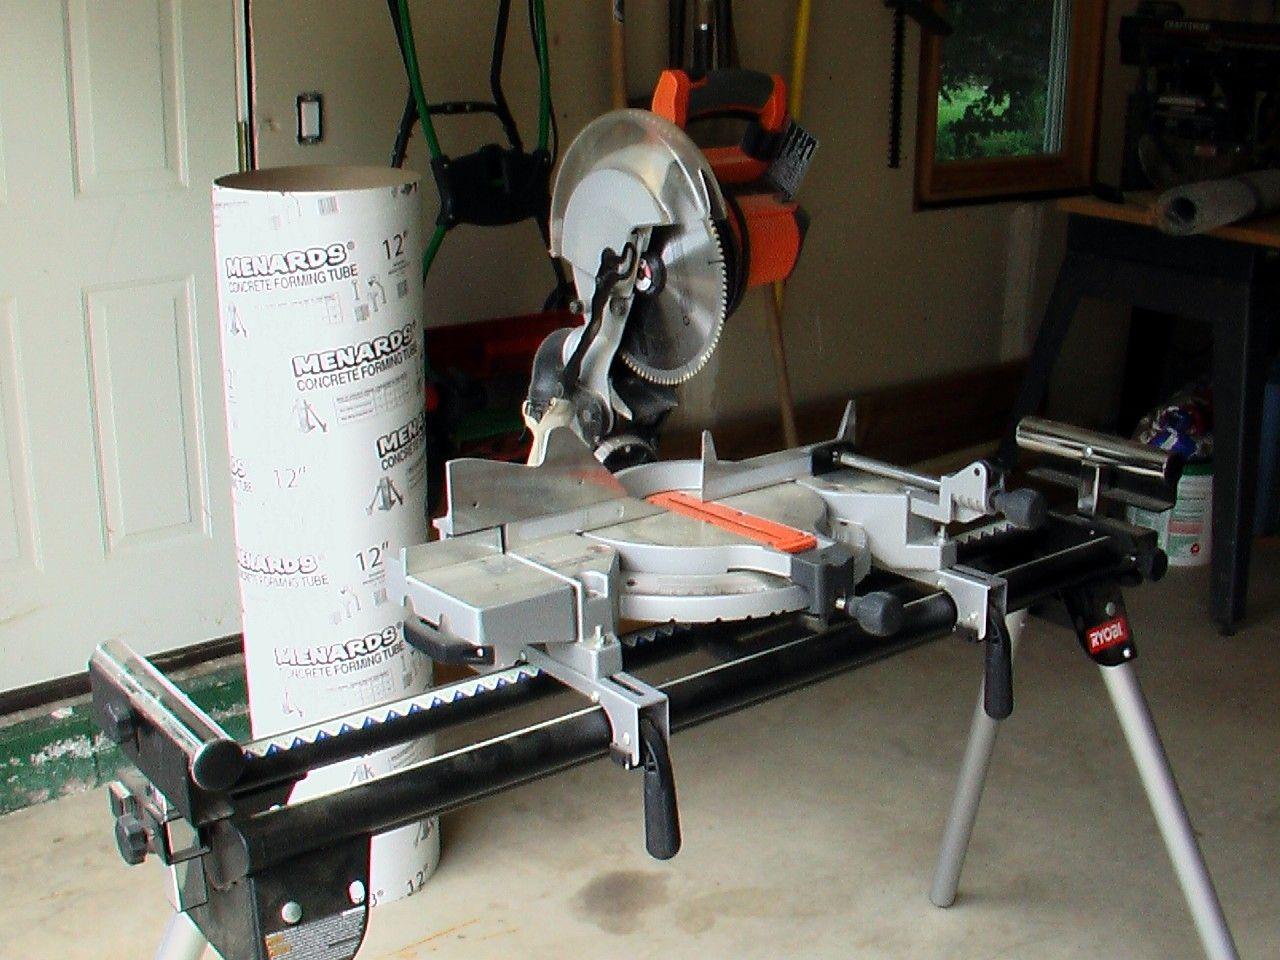 Rigid 10 In 254 Mm Compound Miter Saw W Exactline Laser In Moiisture S Garage Sale Madison Wi Ryobi Miter Saw Stand Miter Saw Garage Sales